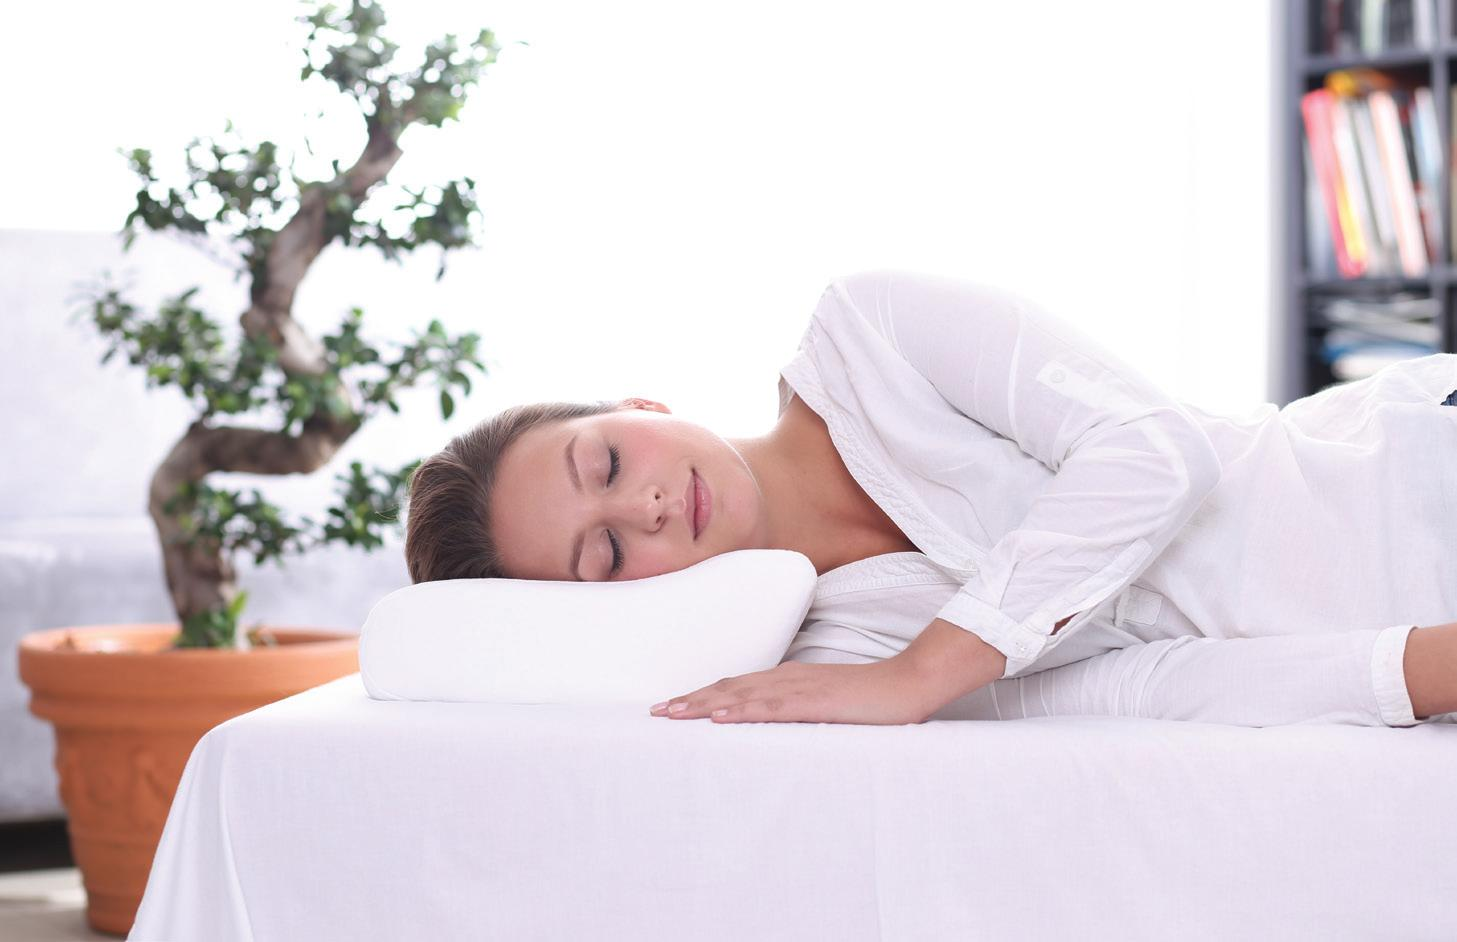 Pierwsza poduszka – jaką poduszkę do spania wybrać jako pierwszą